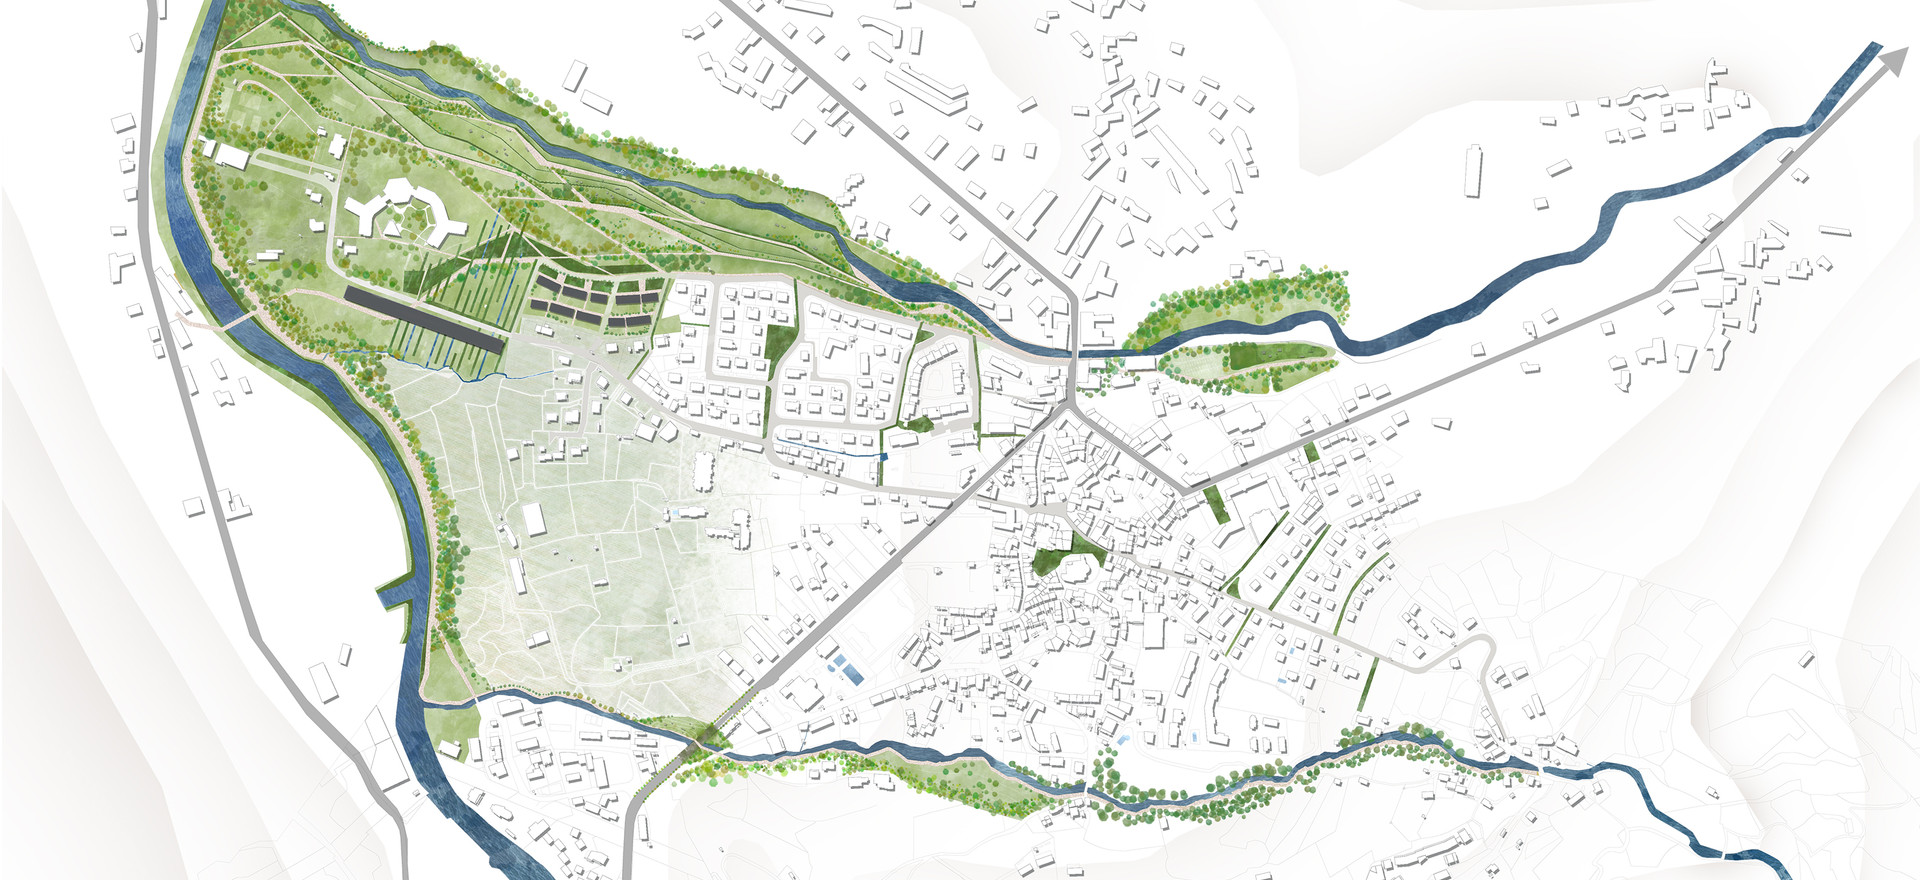 Projet d'aménagement urbain